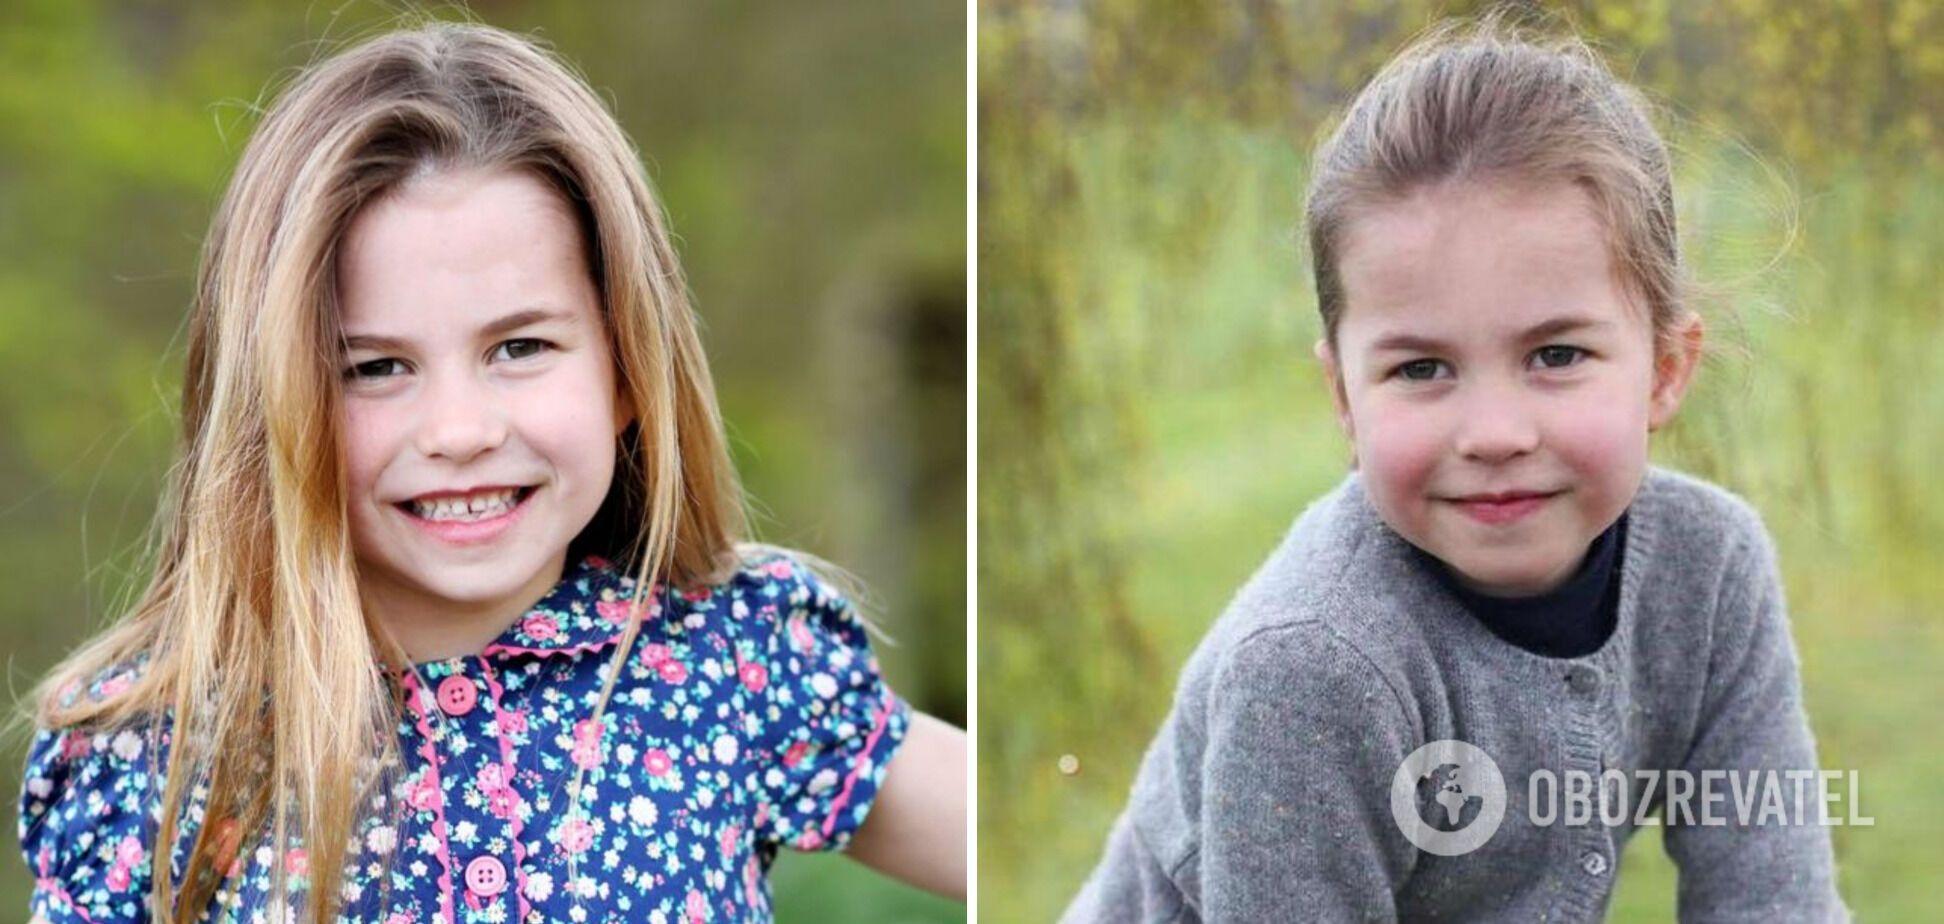 Принцесса Шарлотта является средней дочерью принца Уильяма и Кейт.